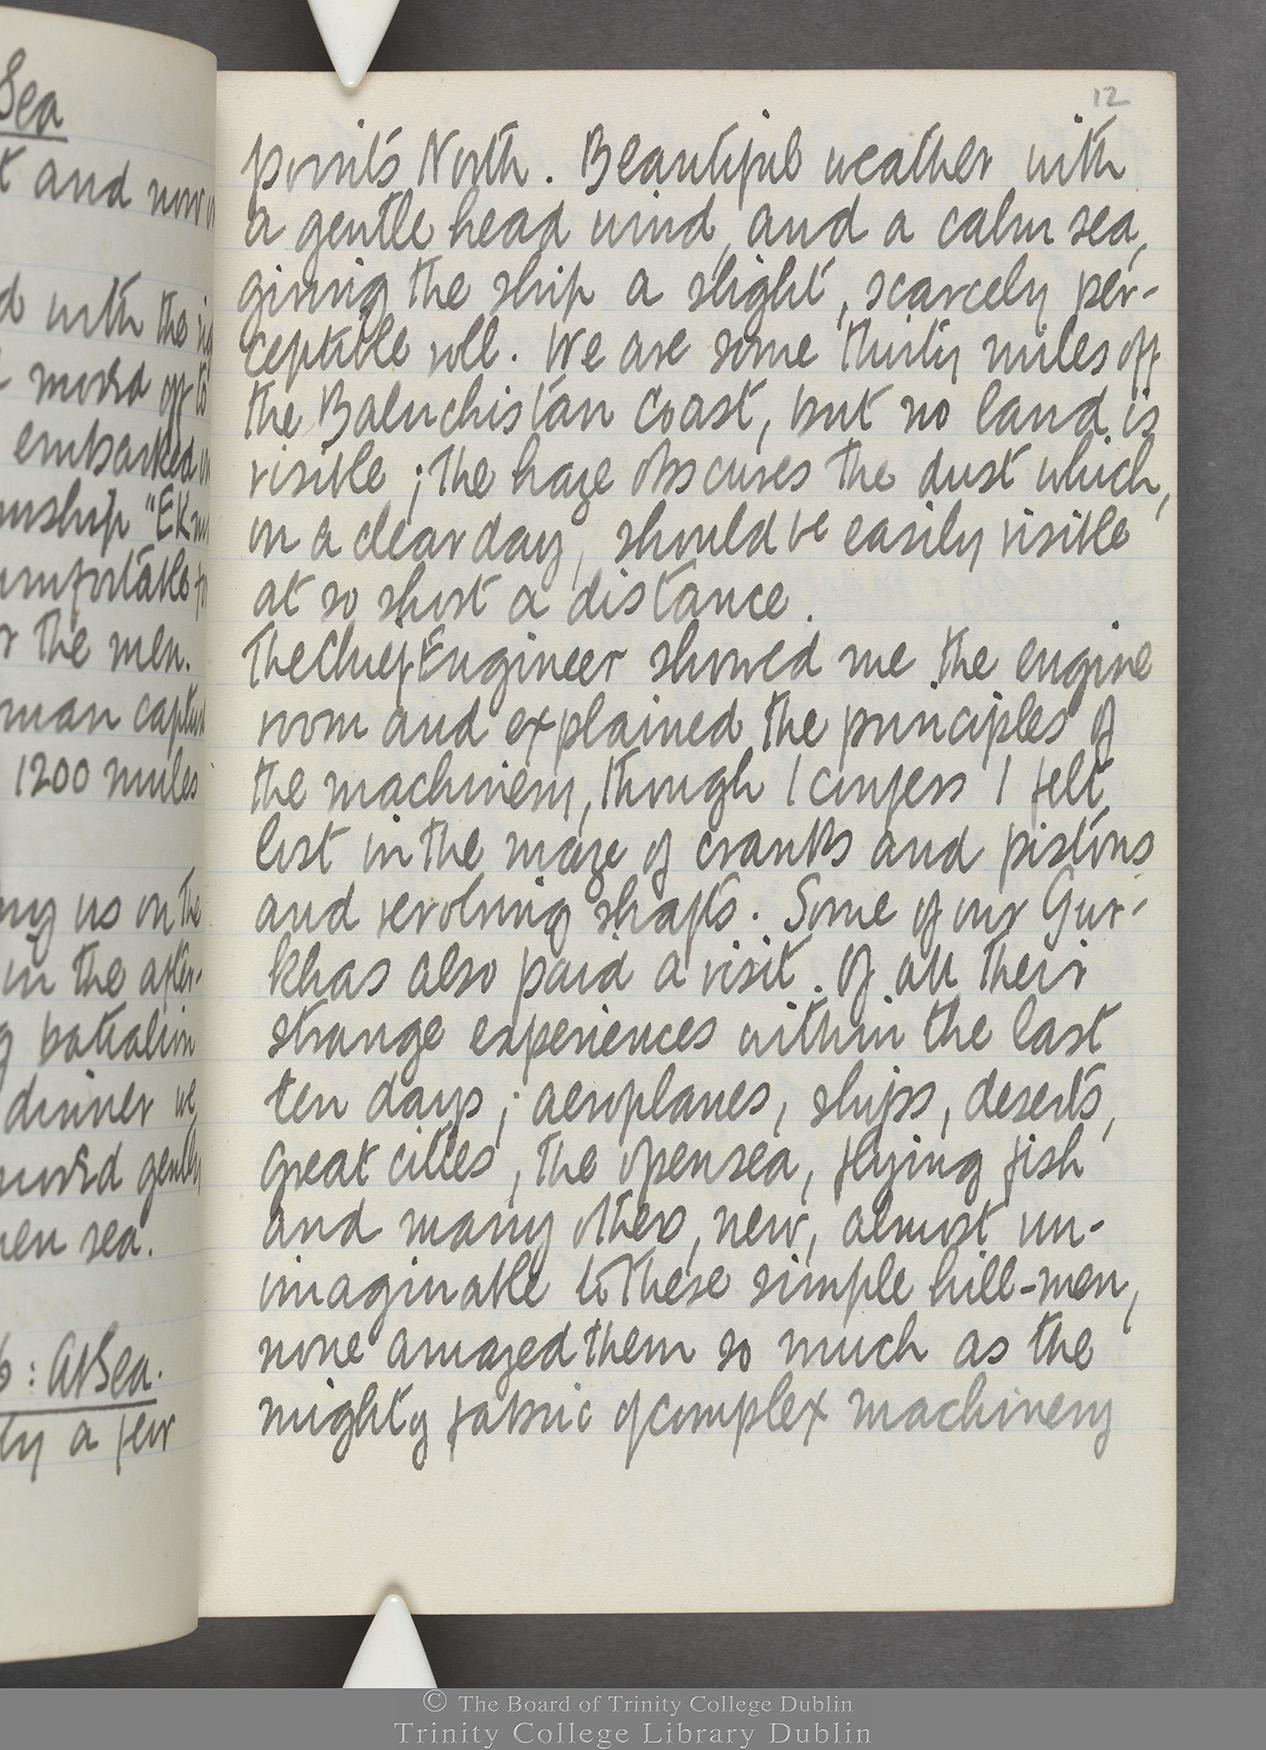 TCD MS 10515 folio 12r